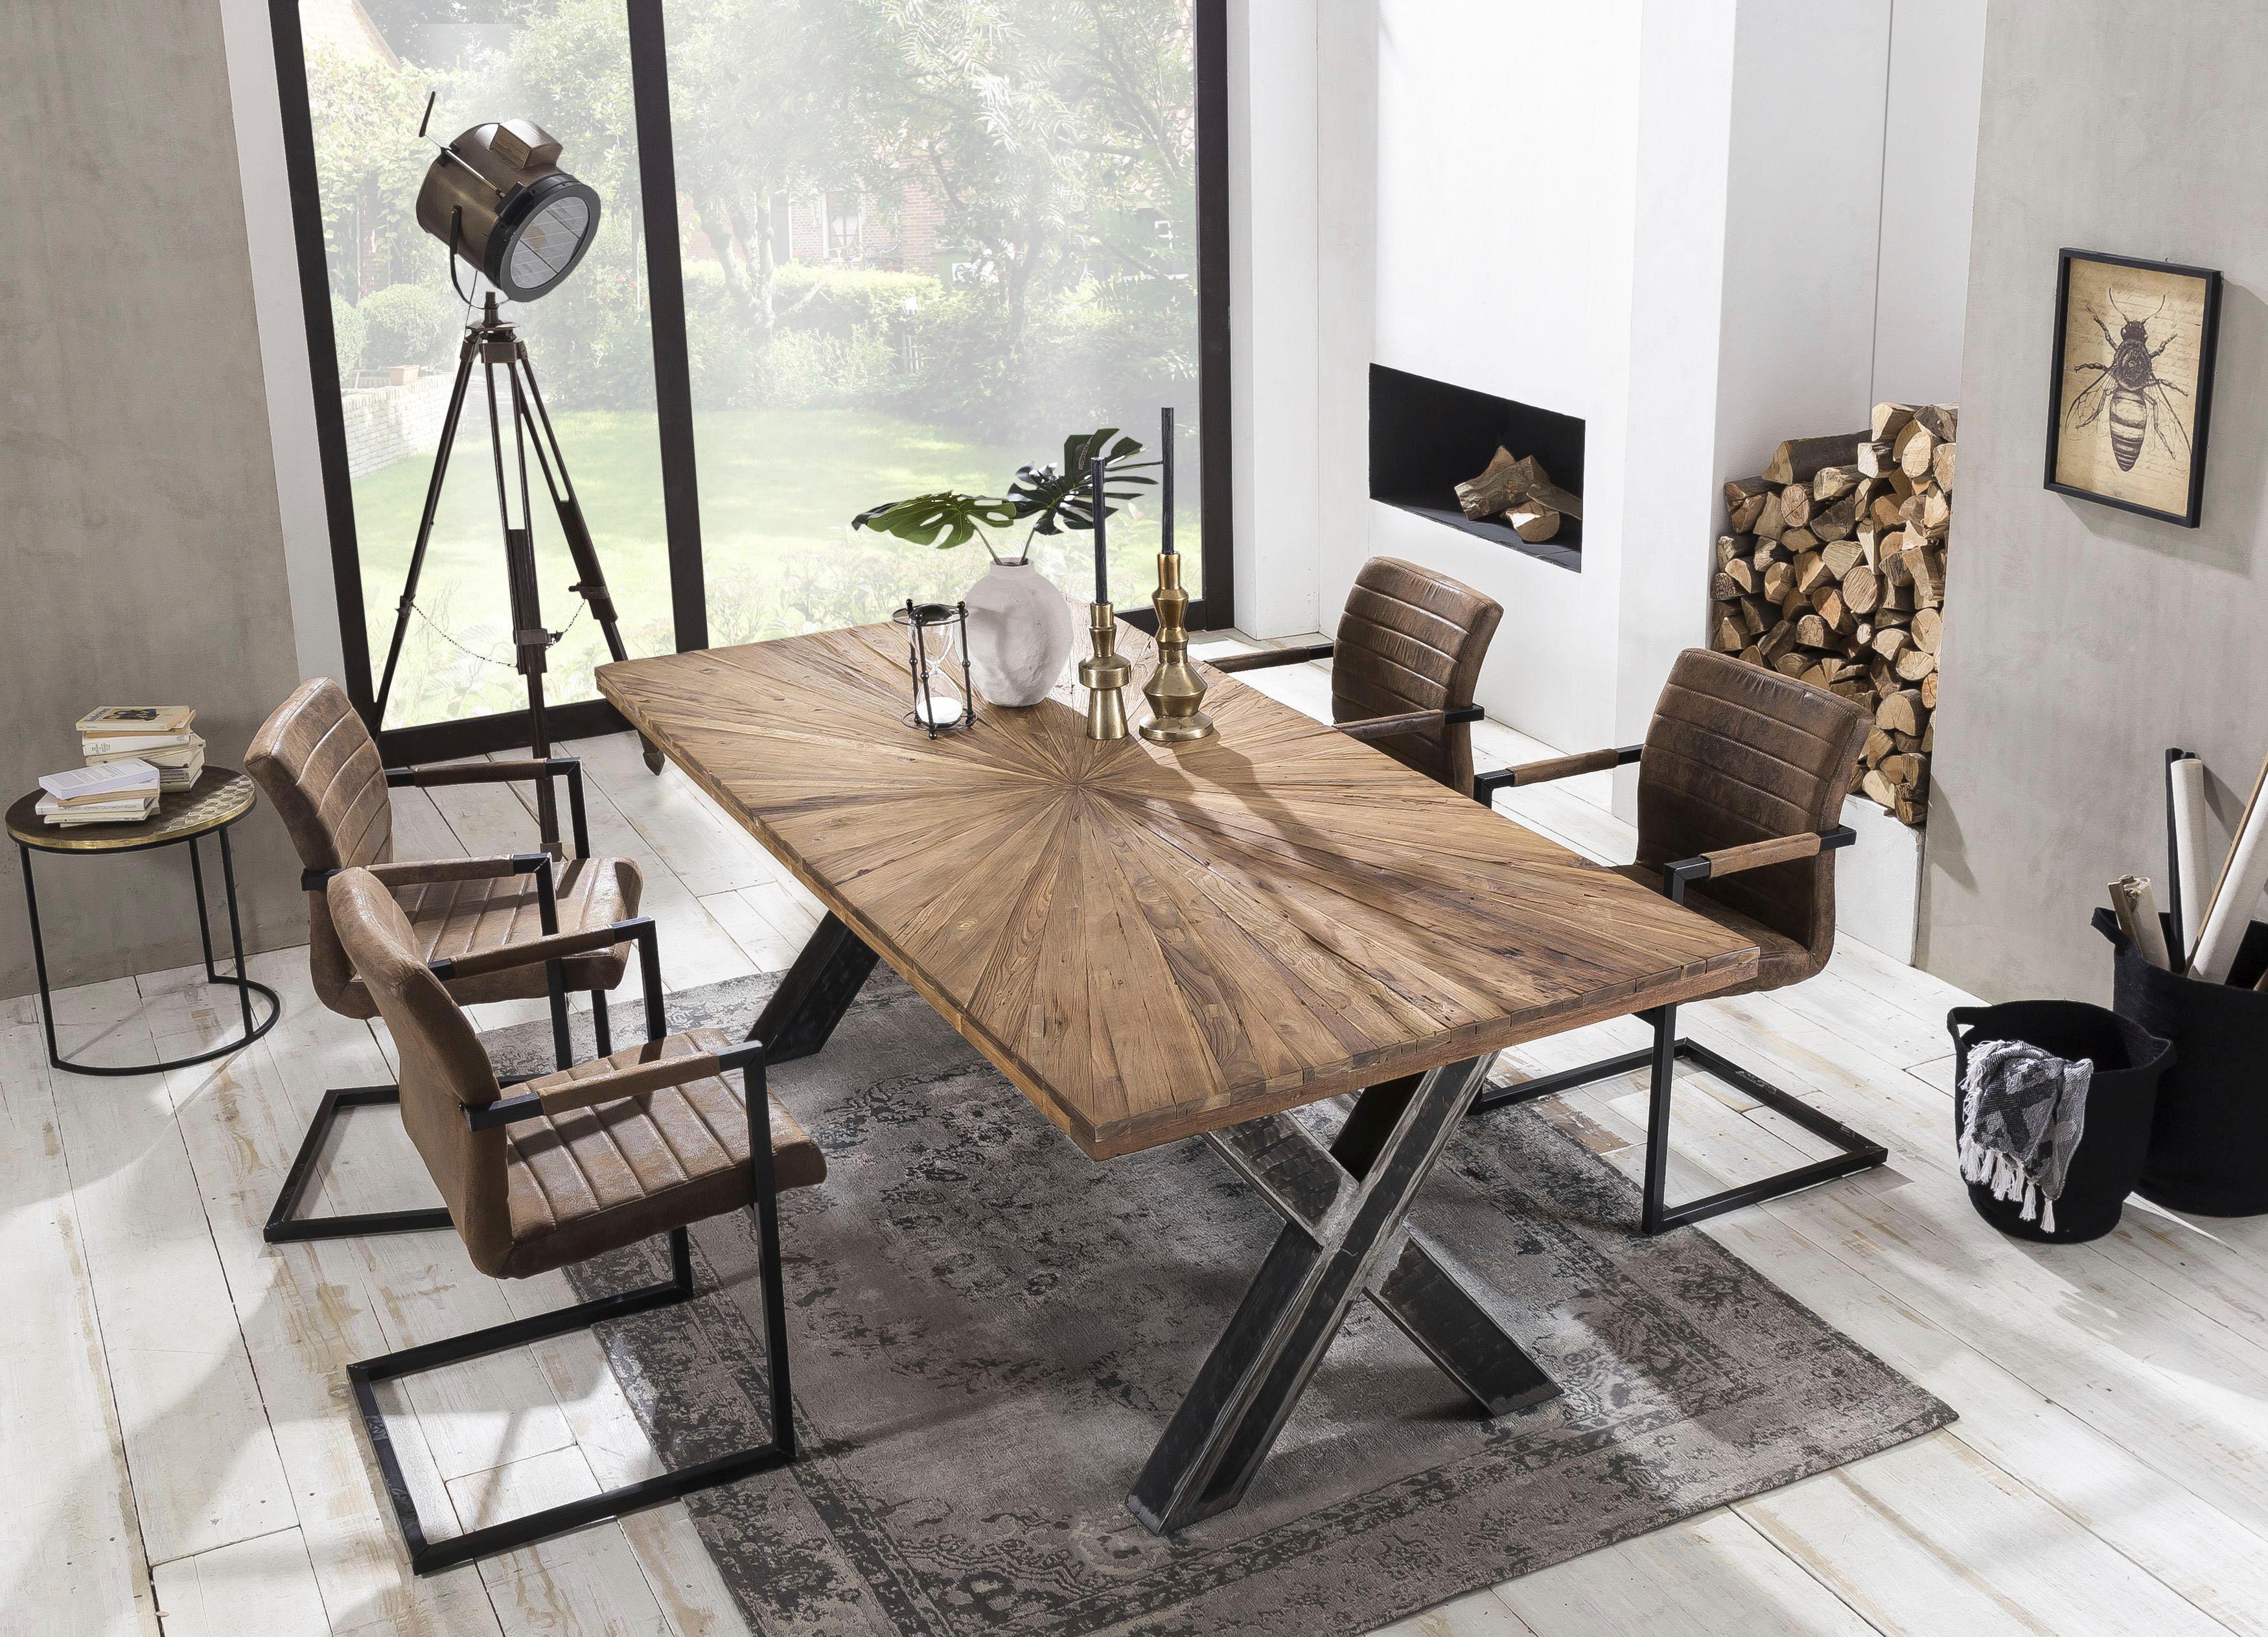 SIT Esstisch Romanteaka mit sonnenförmig gemusterter Tischplatte